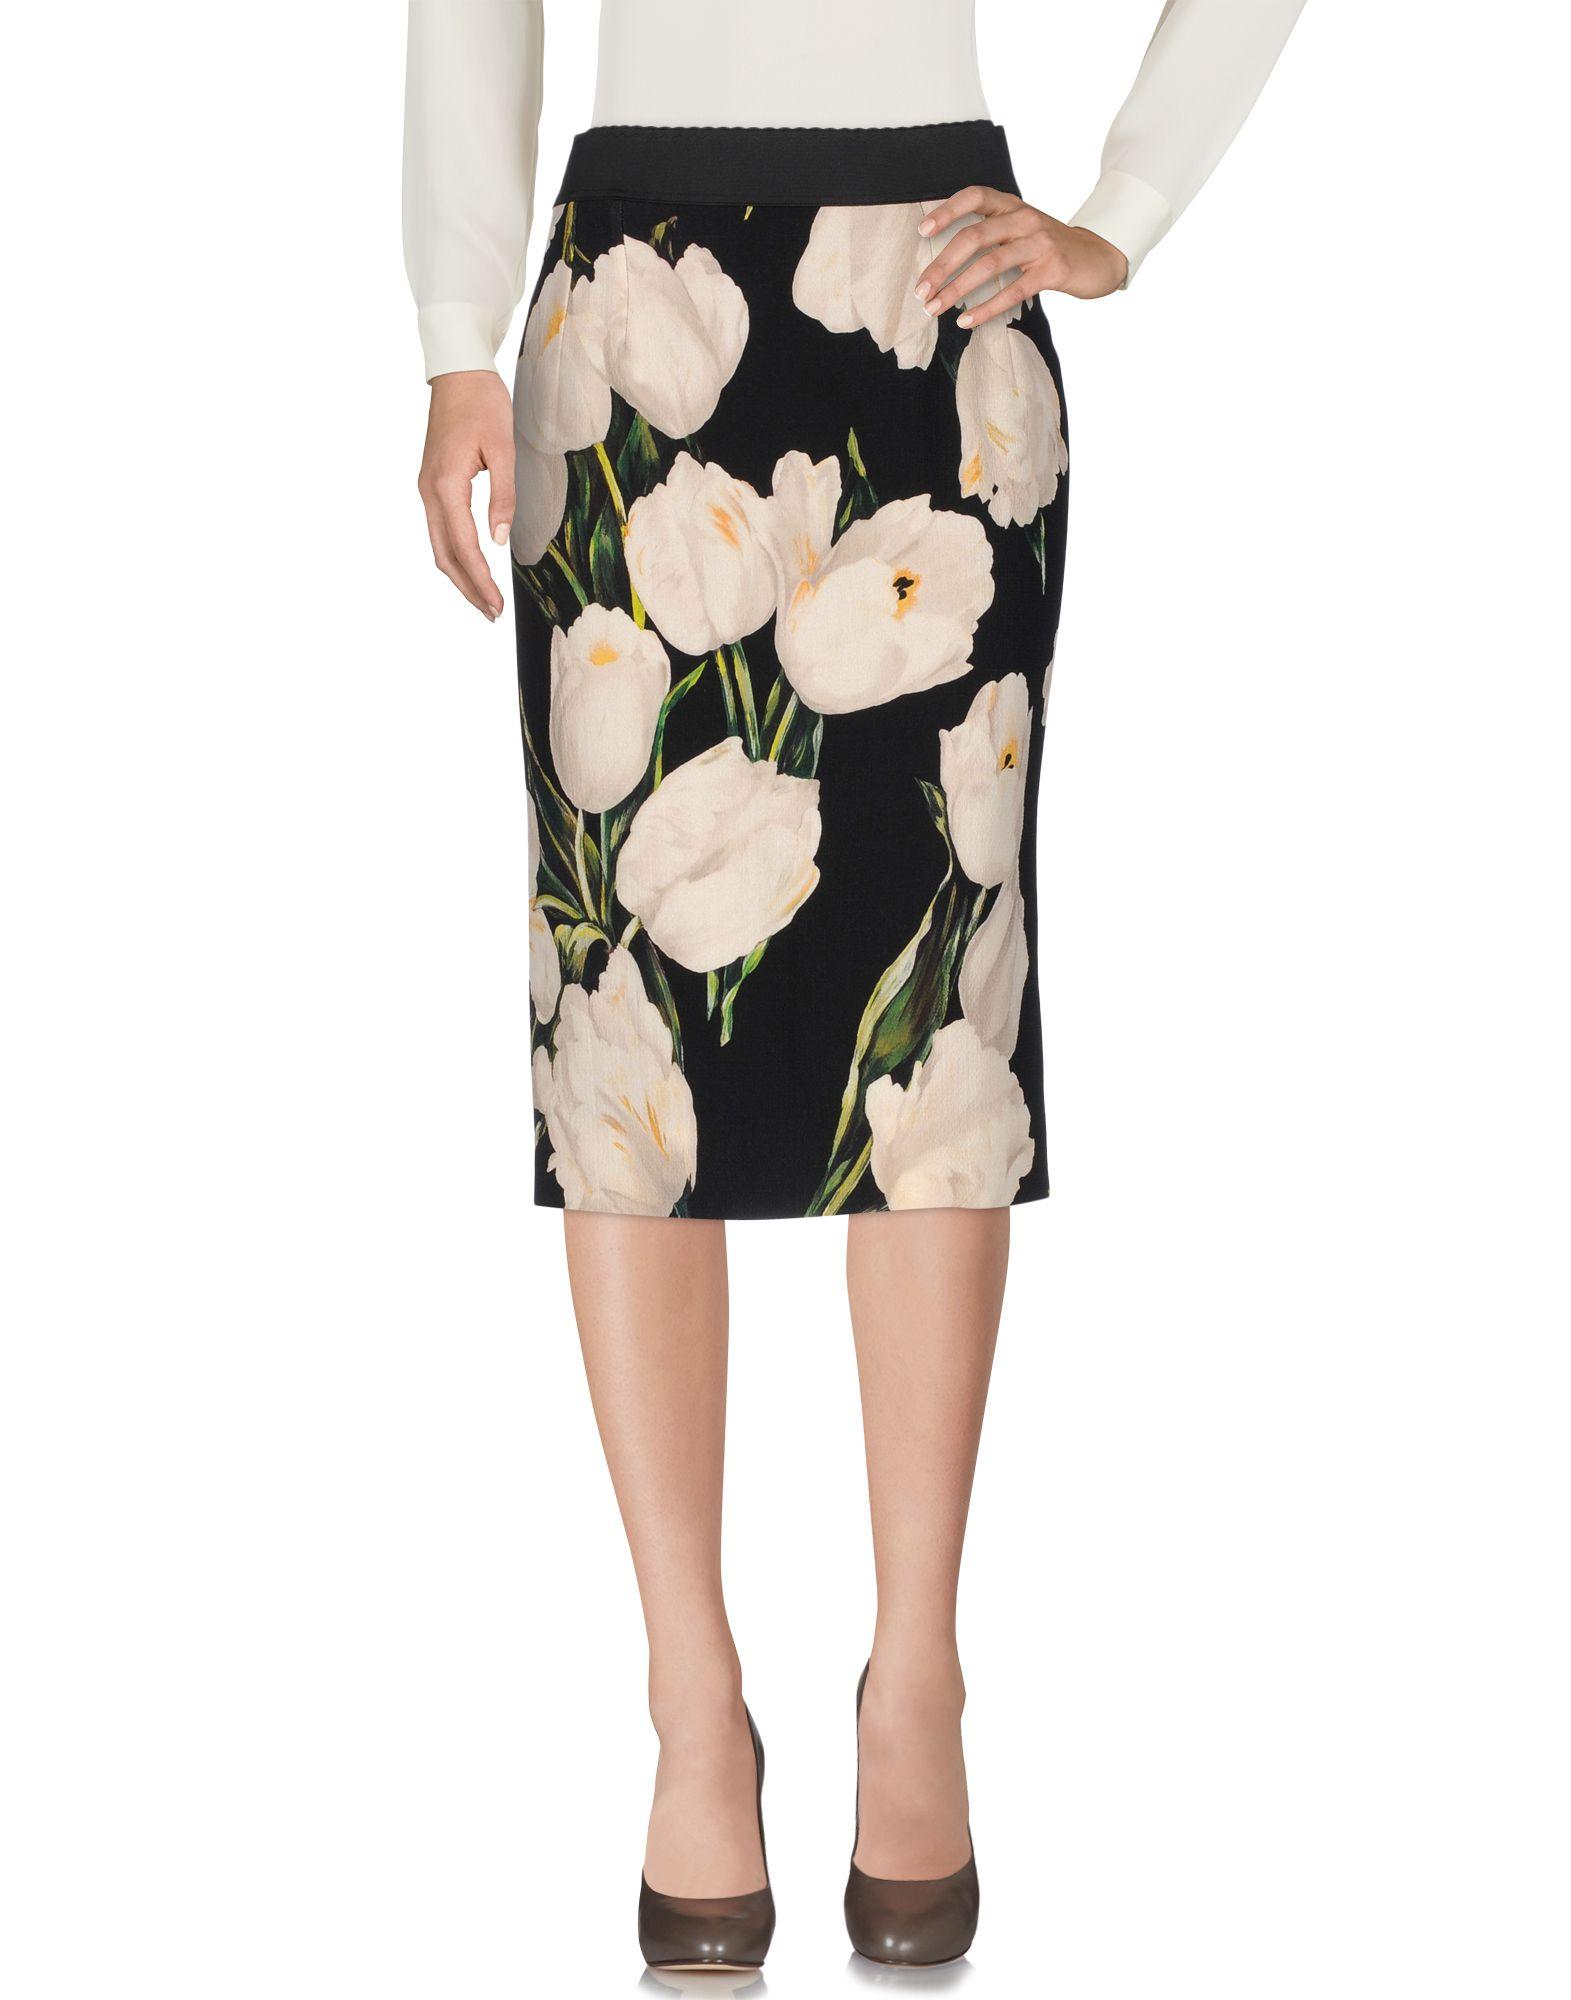 Gonna Longuette Dolce & Gabbana Donna - Acquista online su NzfnrfM